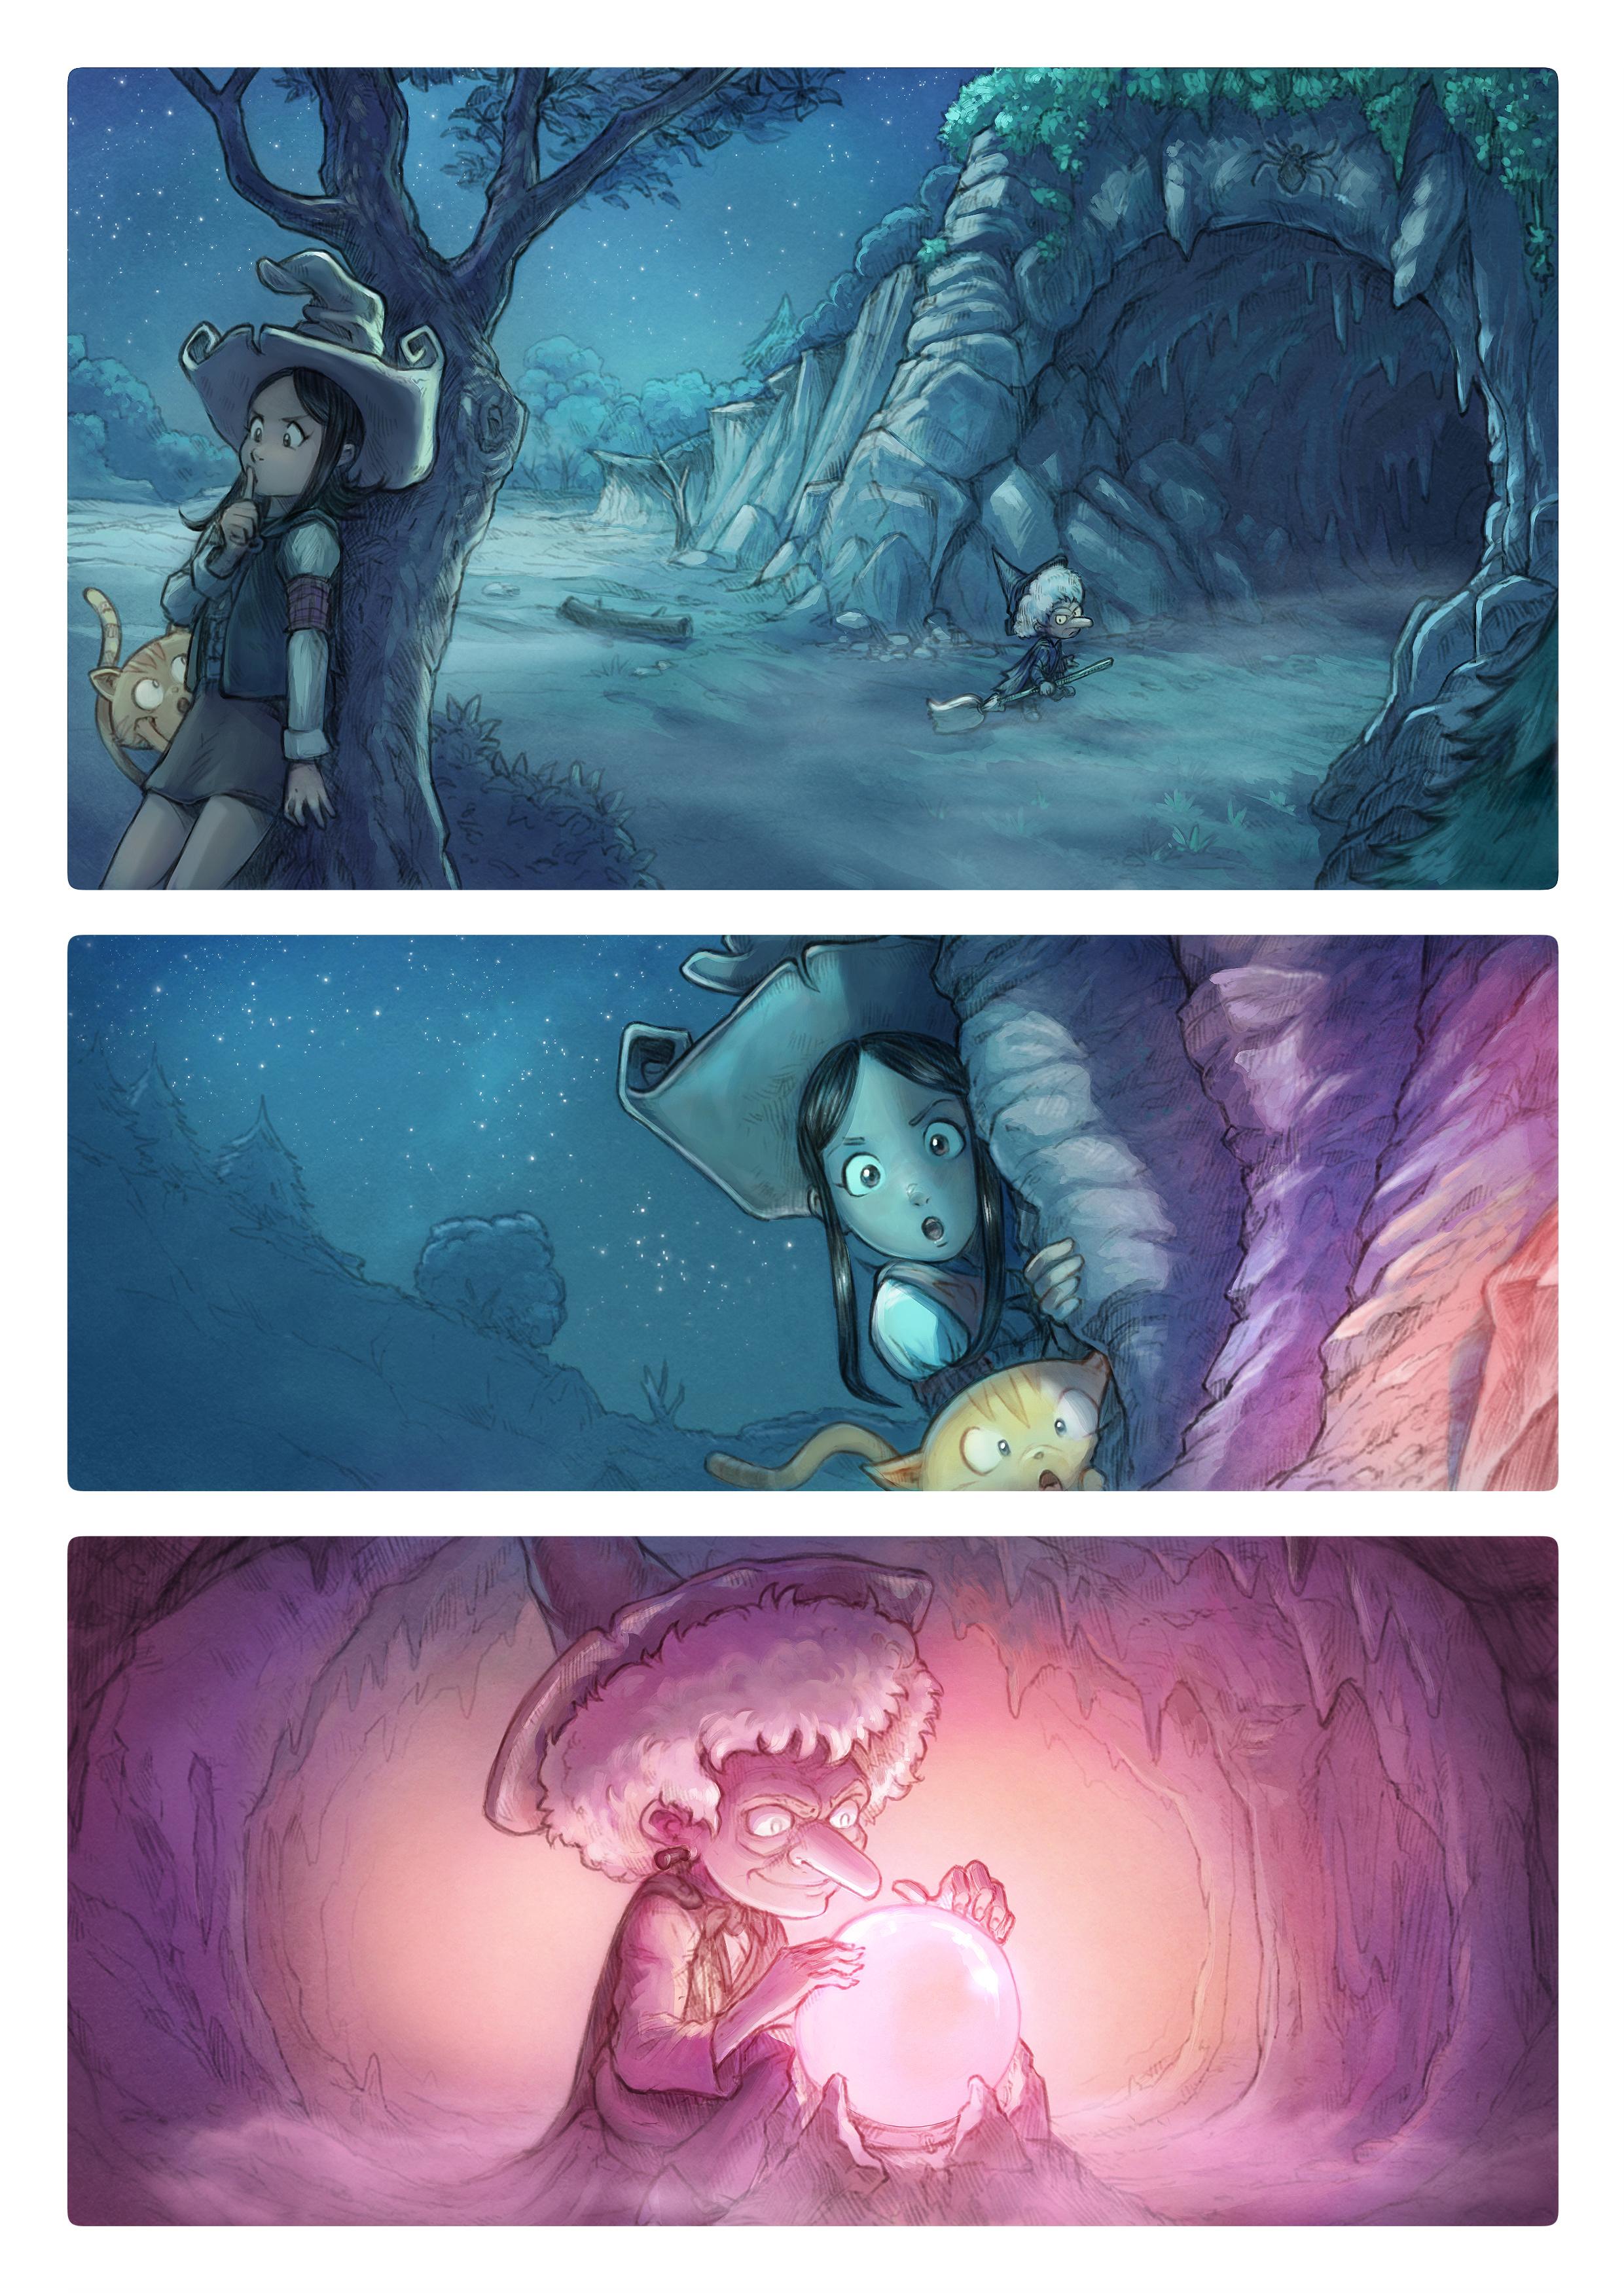 エピソード 15: 水晶玉, ページ 1